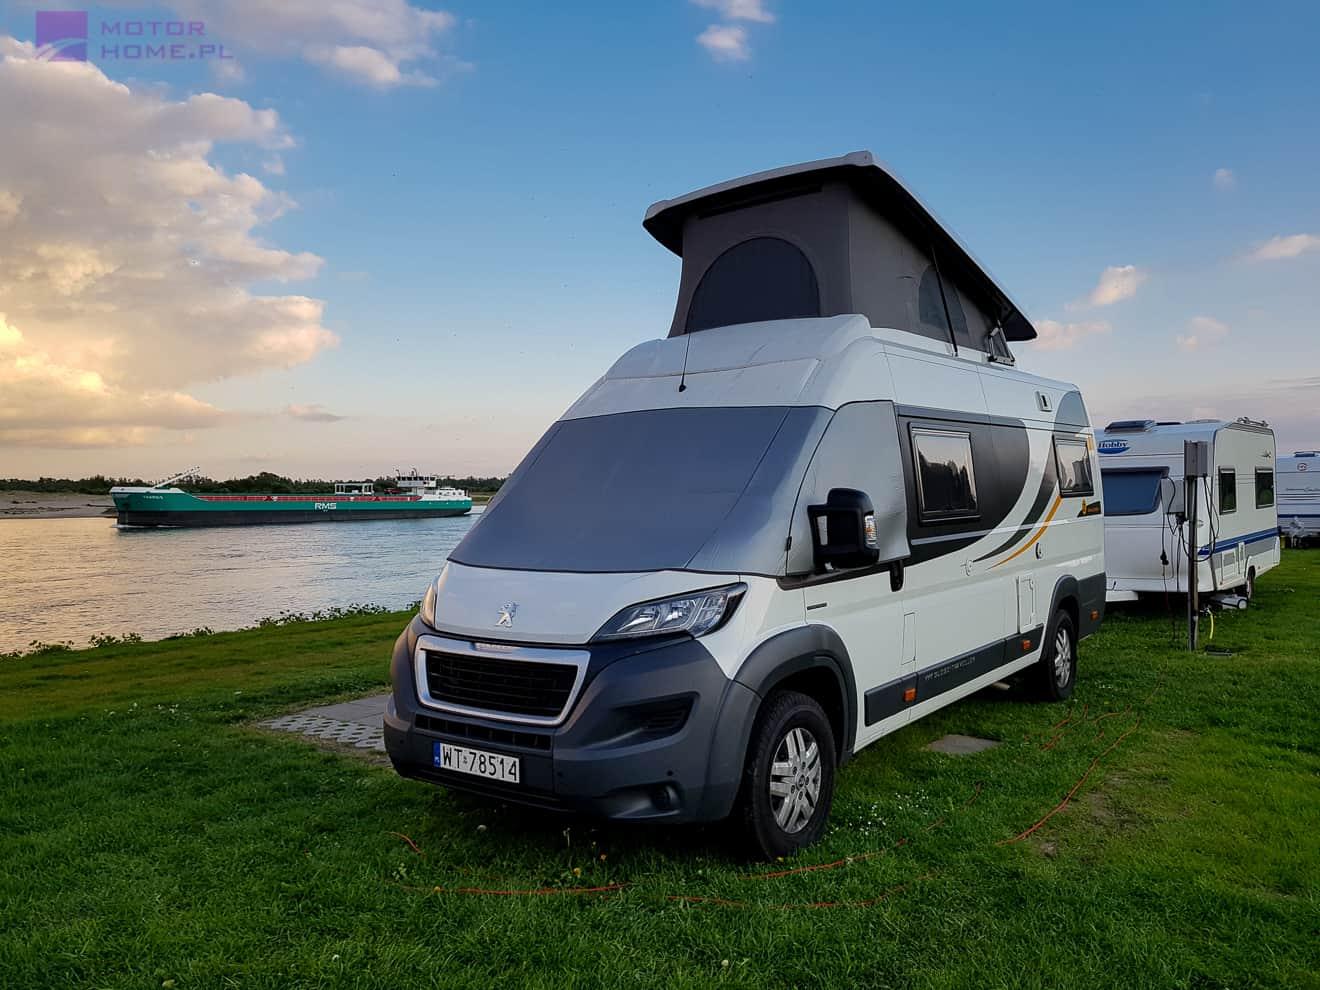 Camping Wallastrand